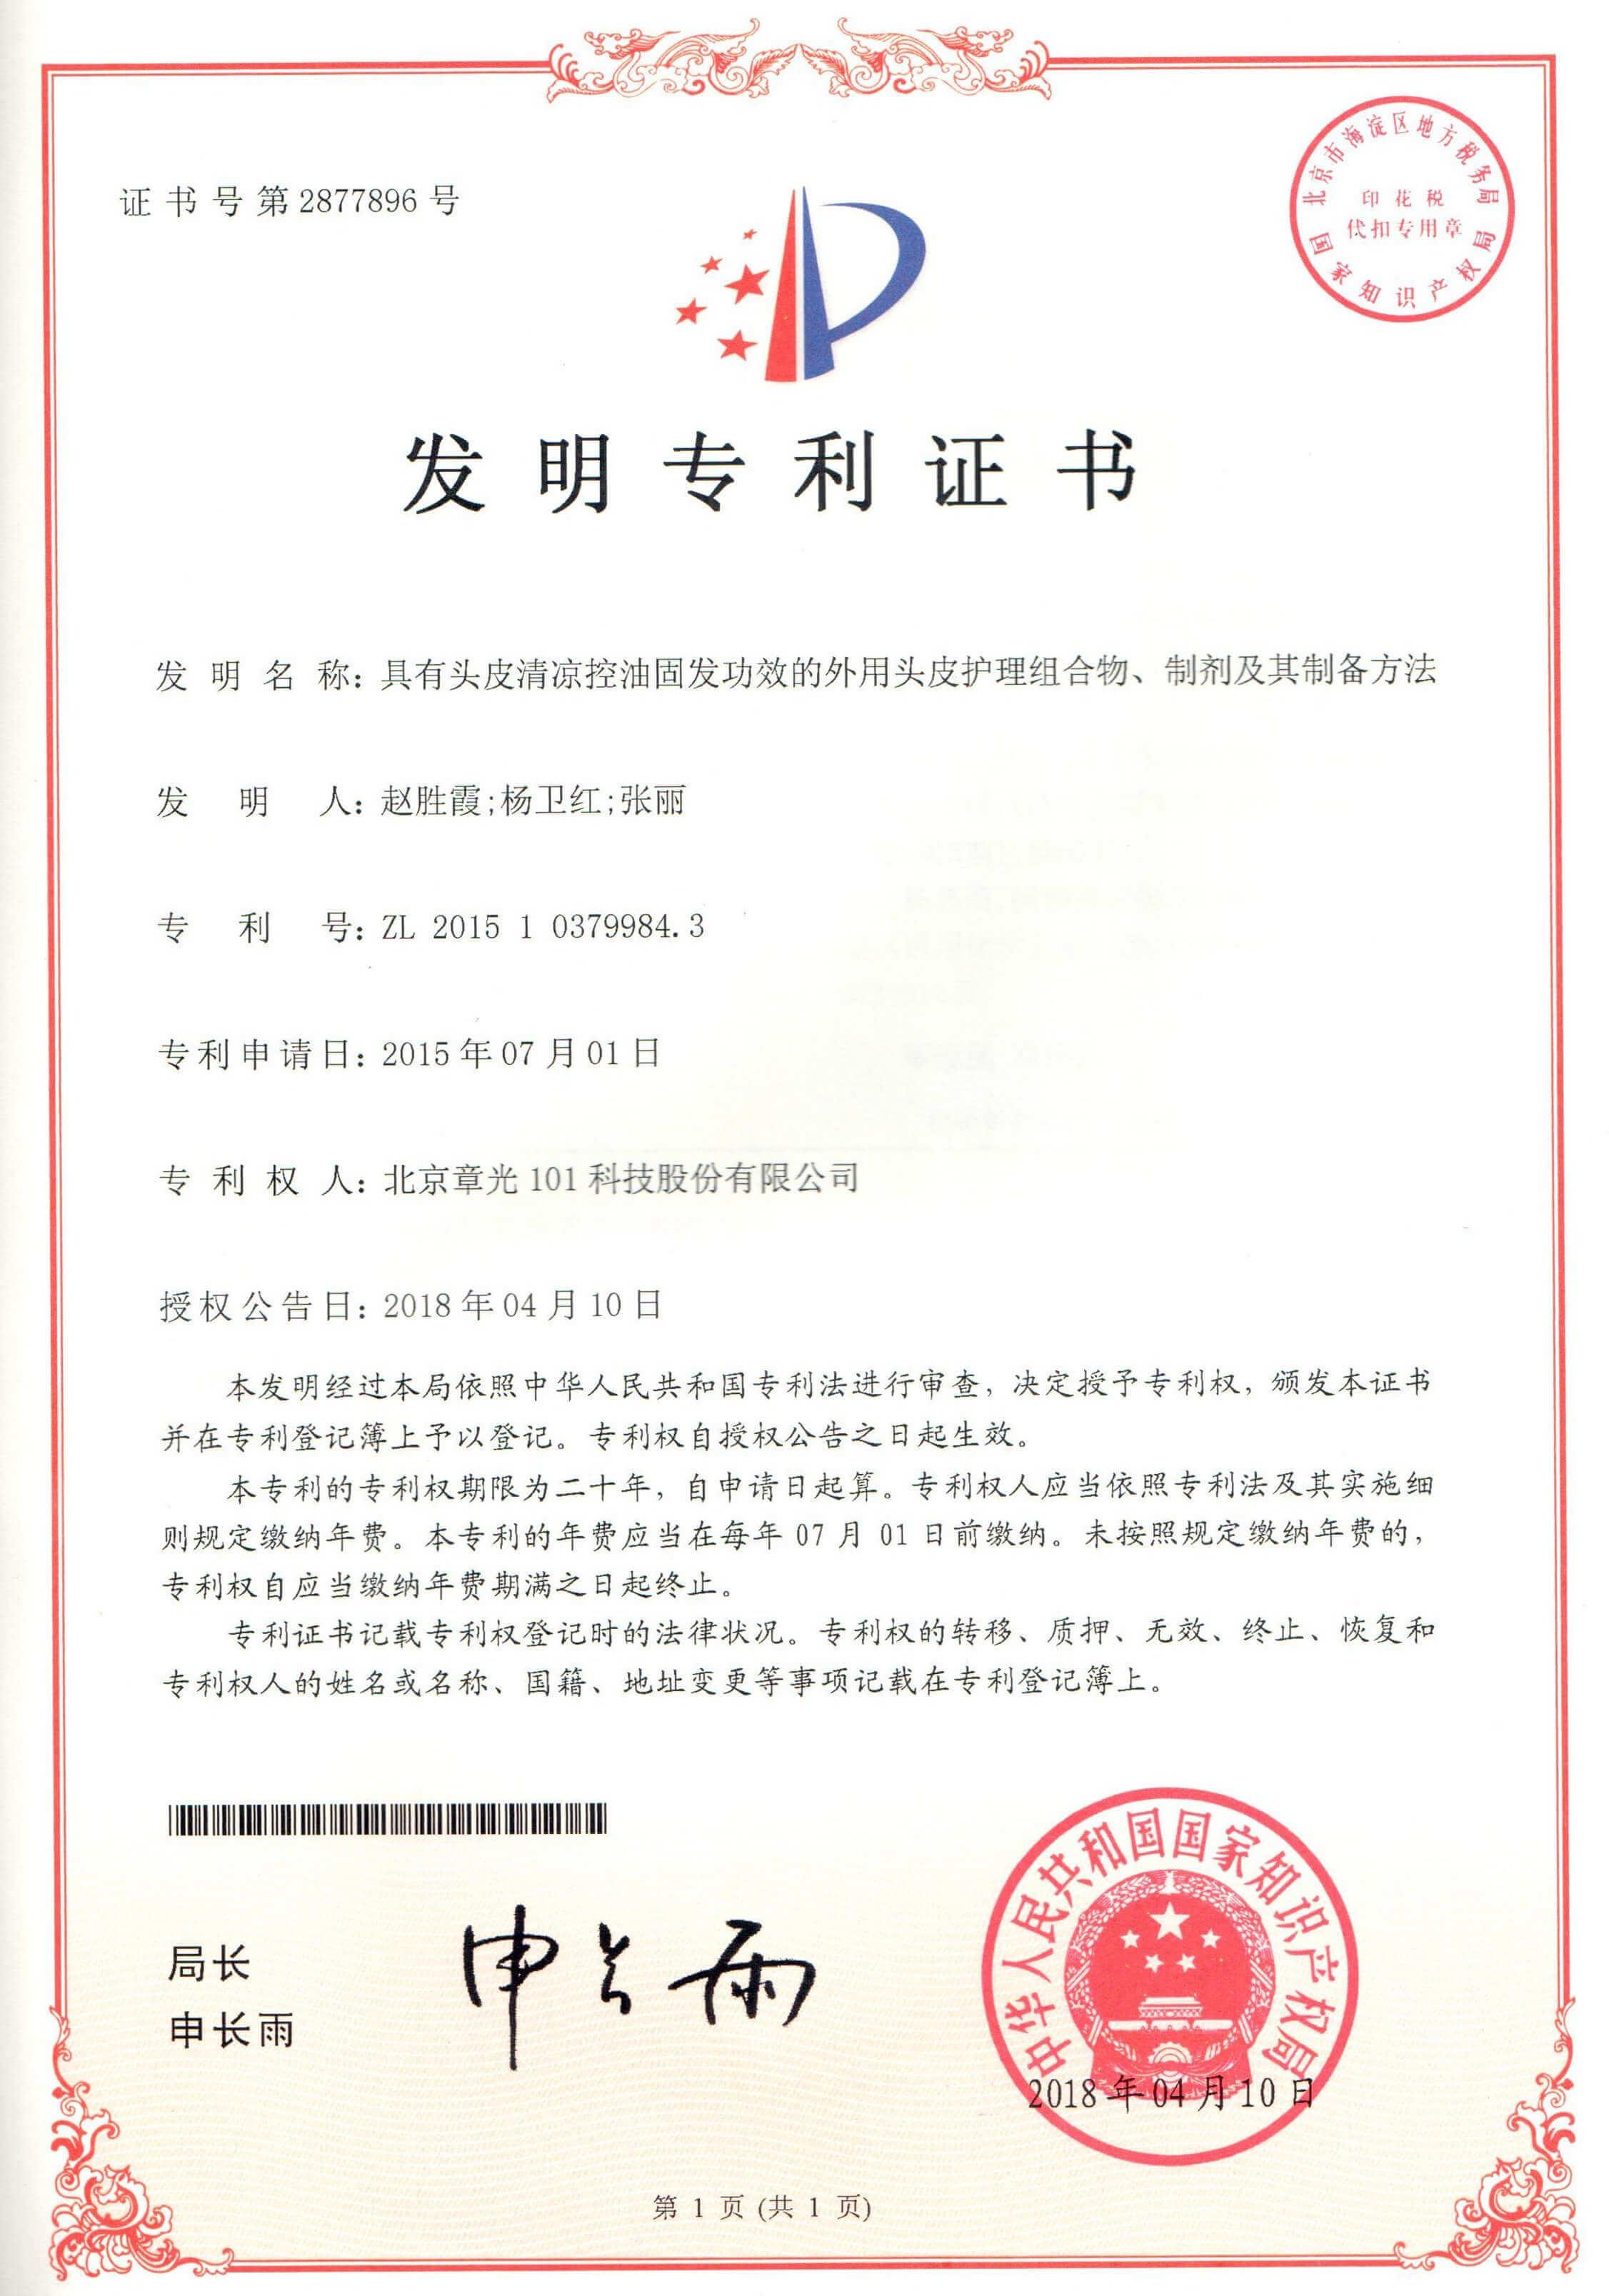 头皮清凉、控油、固发产品发明专利